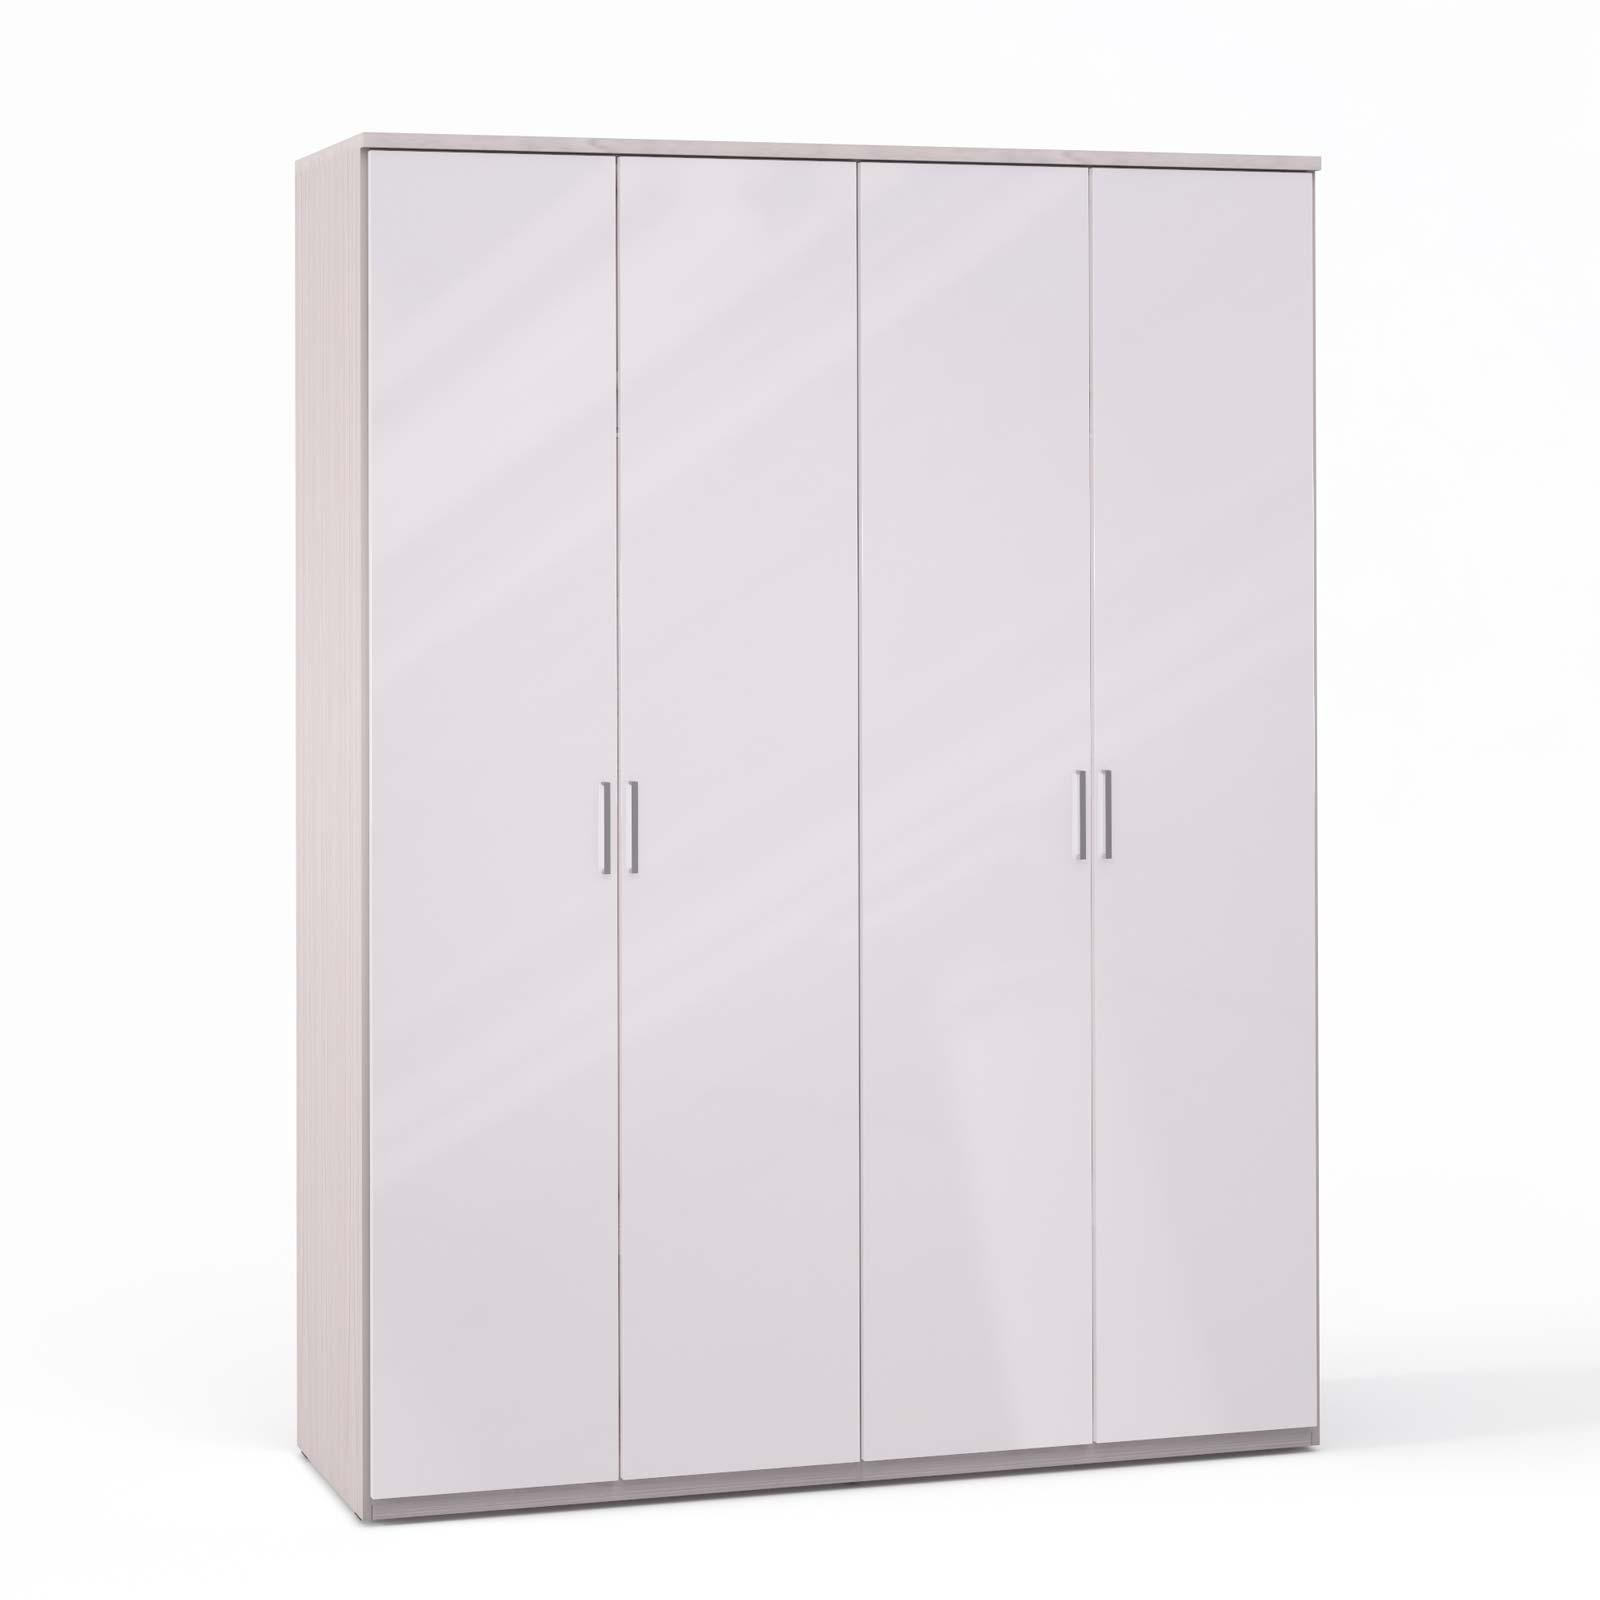 Спальня Rimini Ice Шкаф 4 дв. (2+2) - 5496